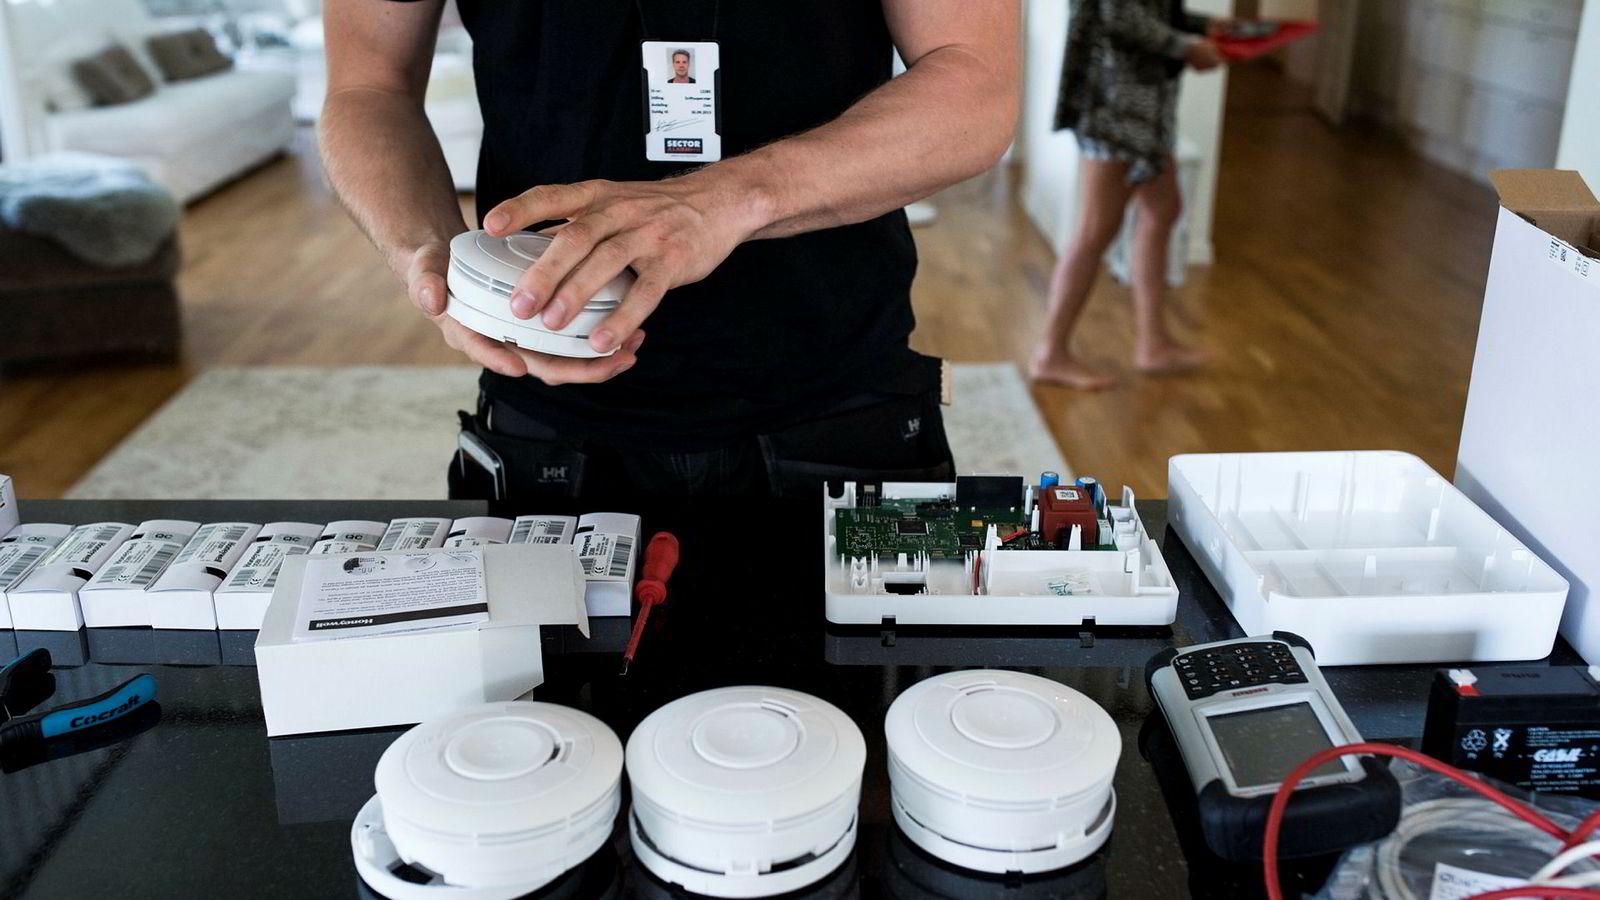 Konkurransetilsynet varslet mandag om enorme gebyrer til Verisure og Sector Alarm for ulovlig samarbeid og fordeling av kunder. Begge selskapene bestrider å ha drevet ulovlig samarbeid.